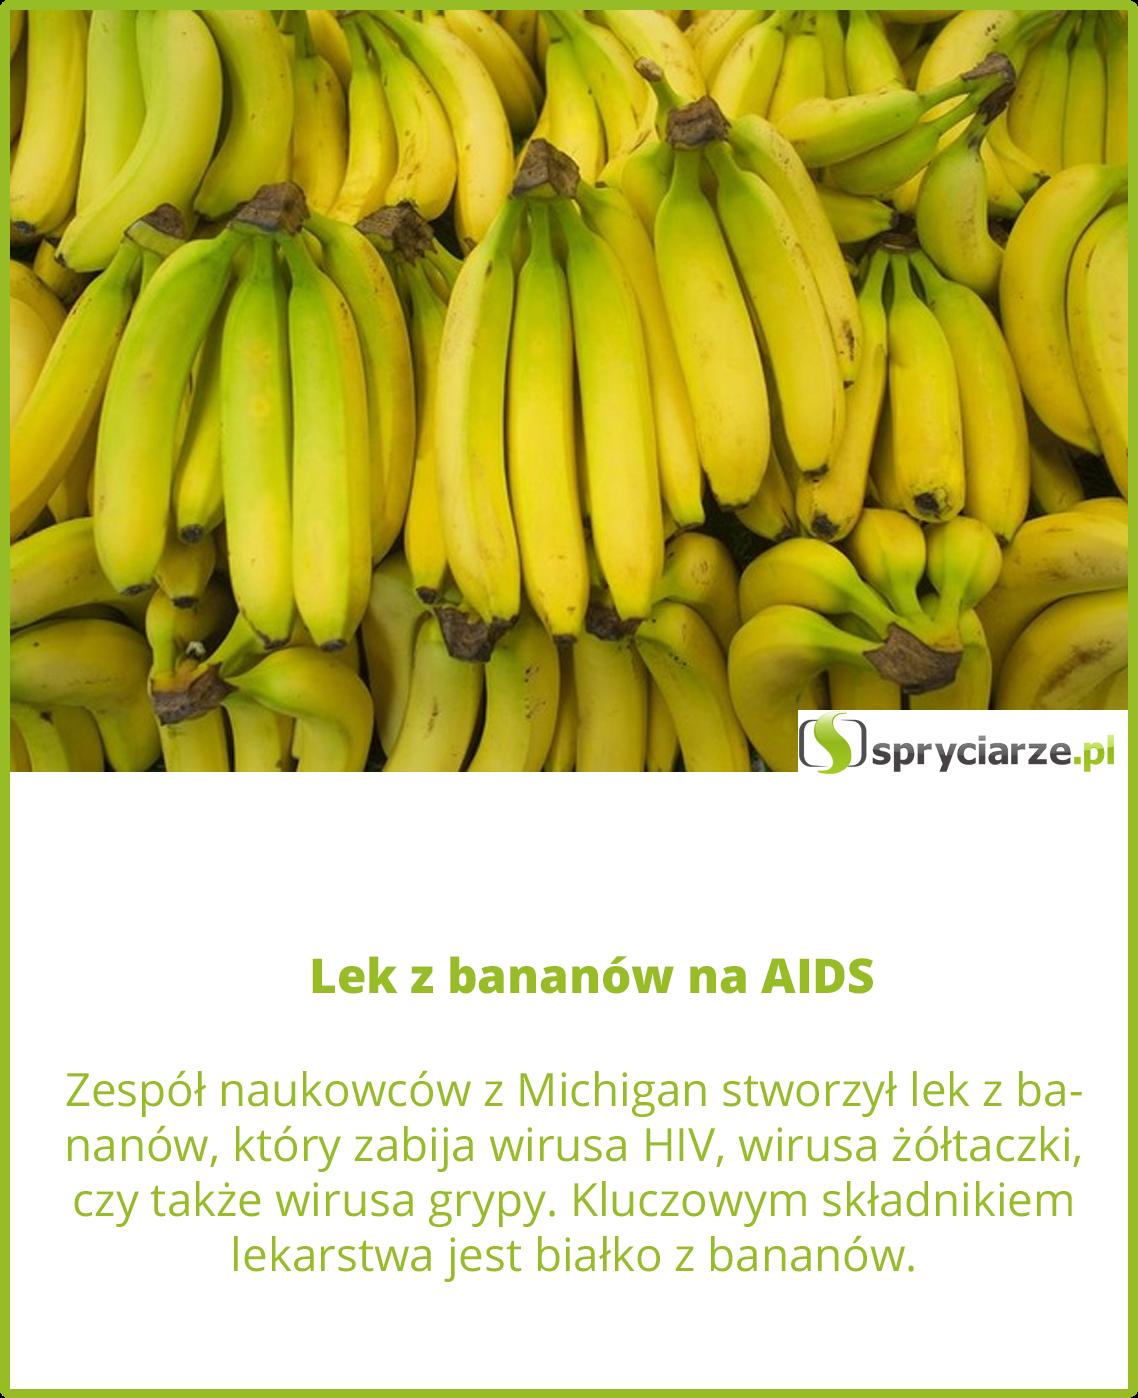 Lek z bananów na AIDS